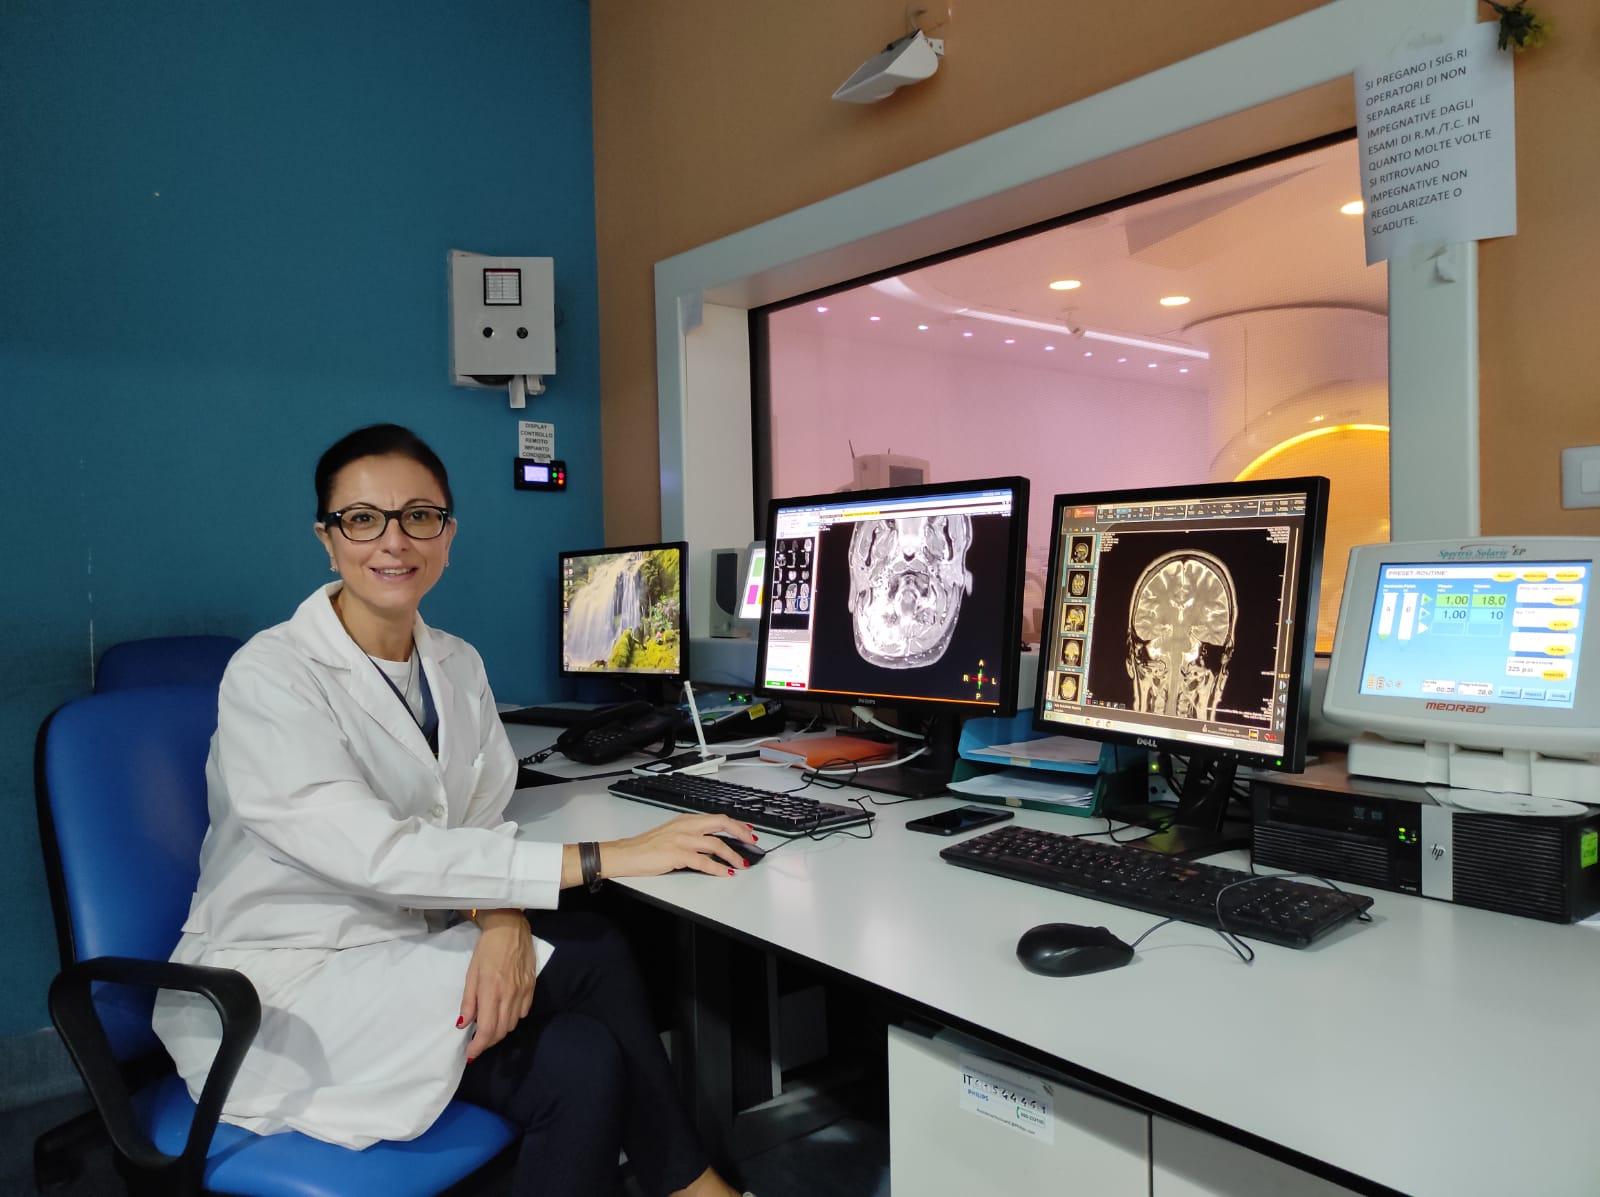 Ordine dei medici e odontoiatri di Messina, eletto il nuovo consiglio: per la prima volta una vicepresidente donna